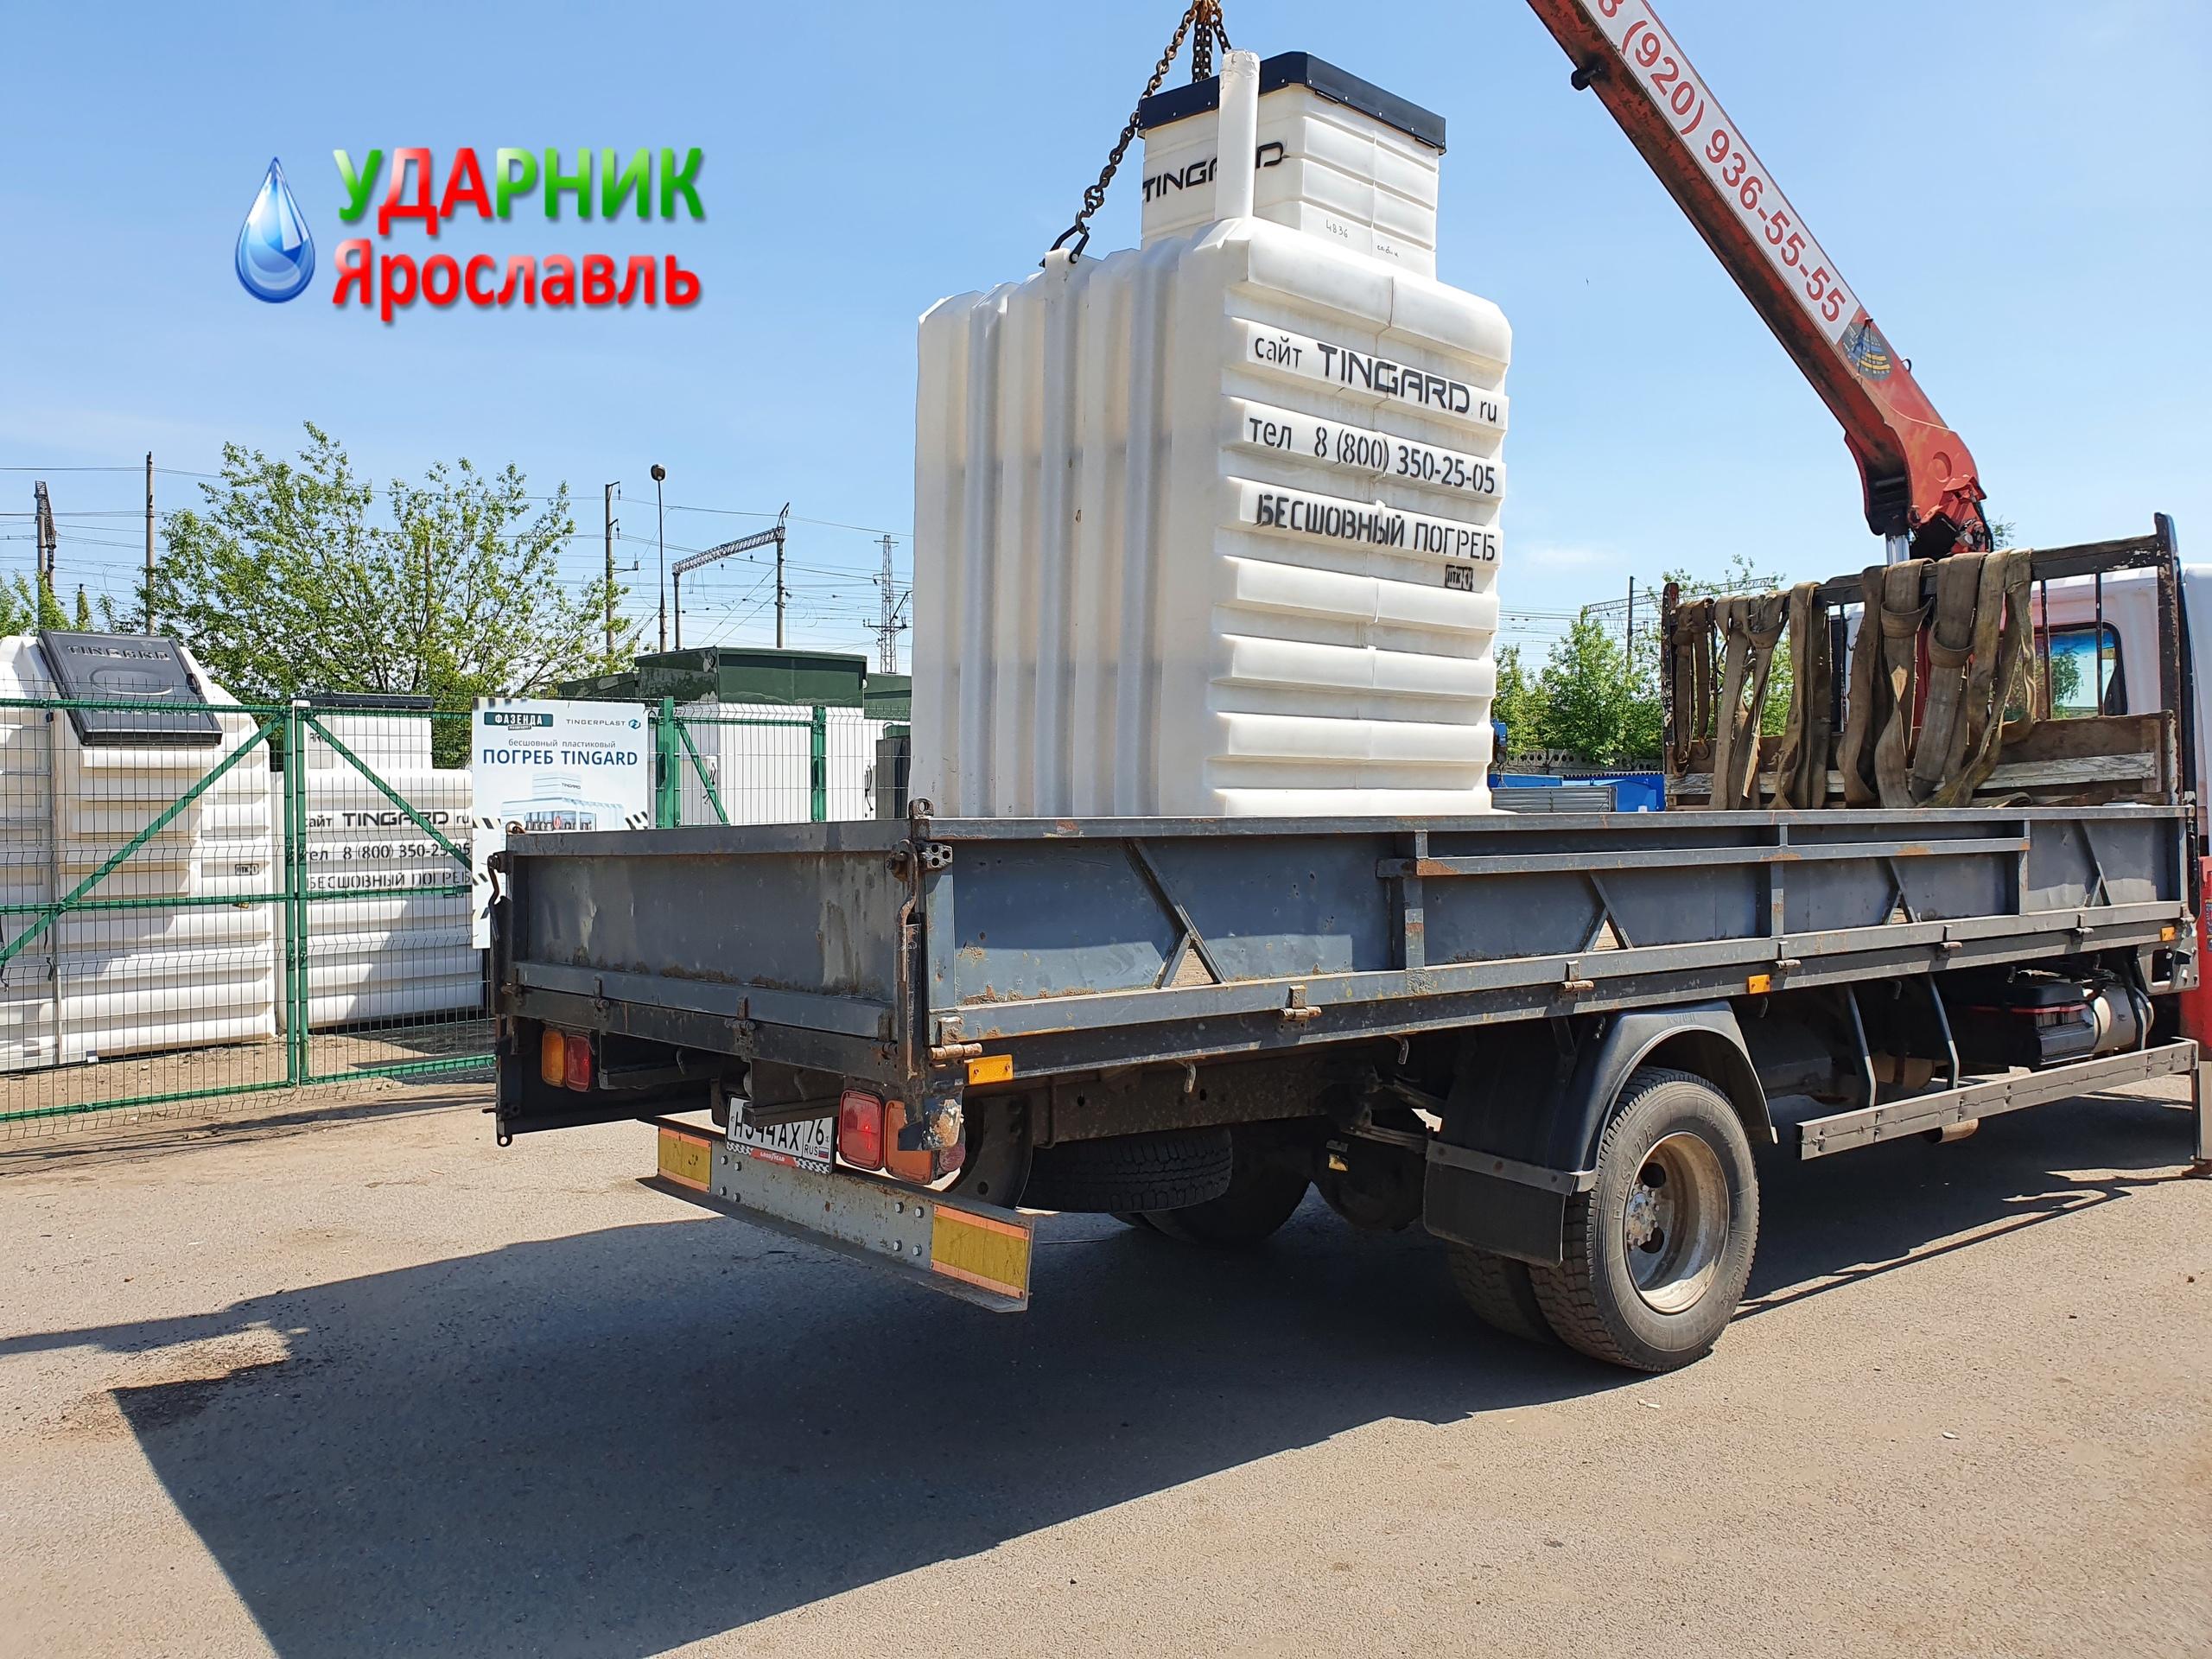 отправка пластиковых погребов по ярославской области